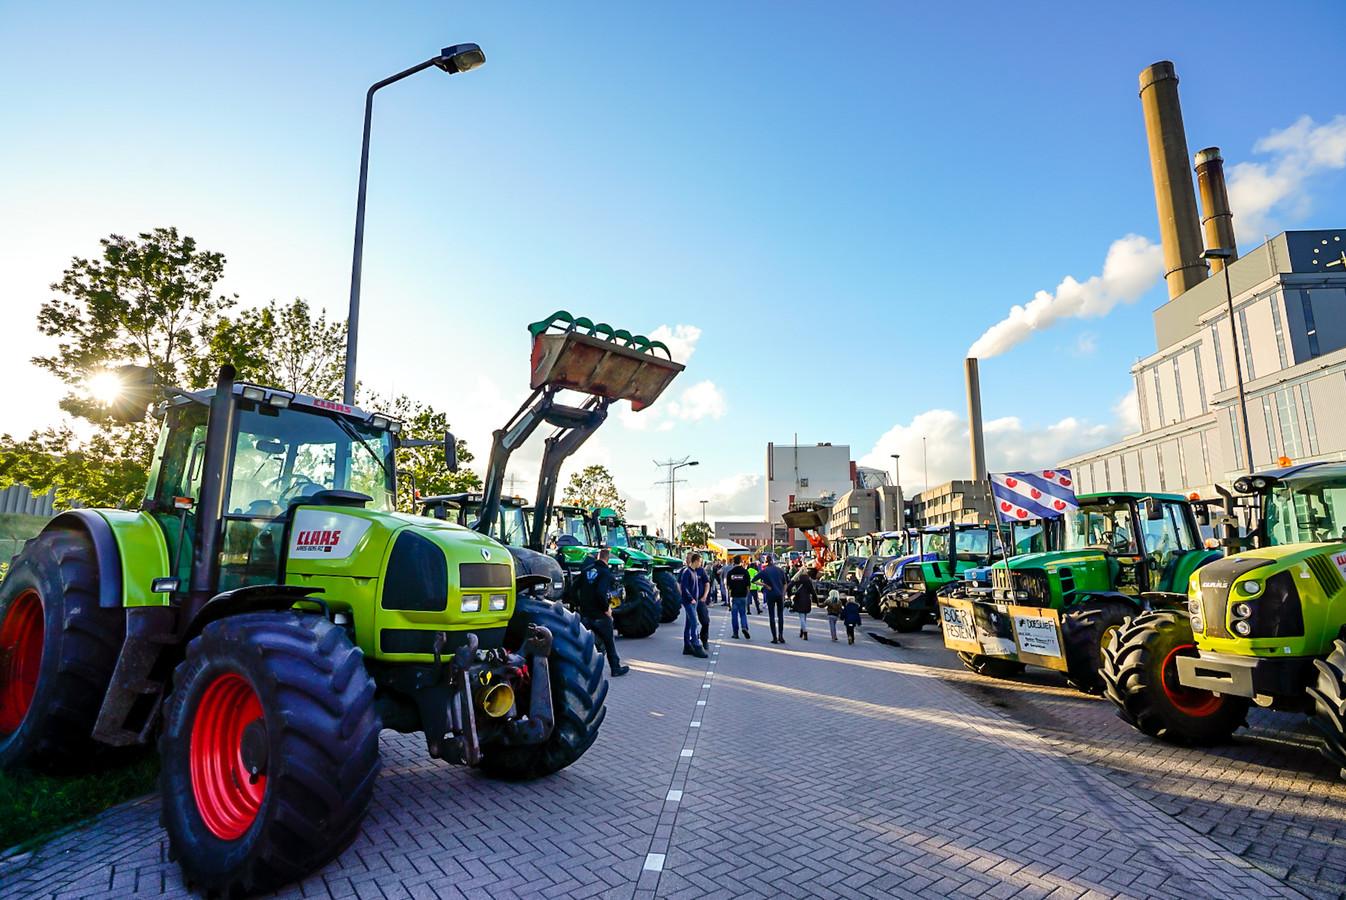 Protesterende boeren bij de Amercentrale in Geertruidenberg